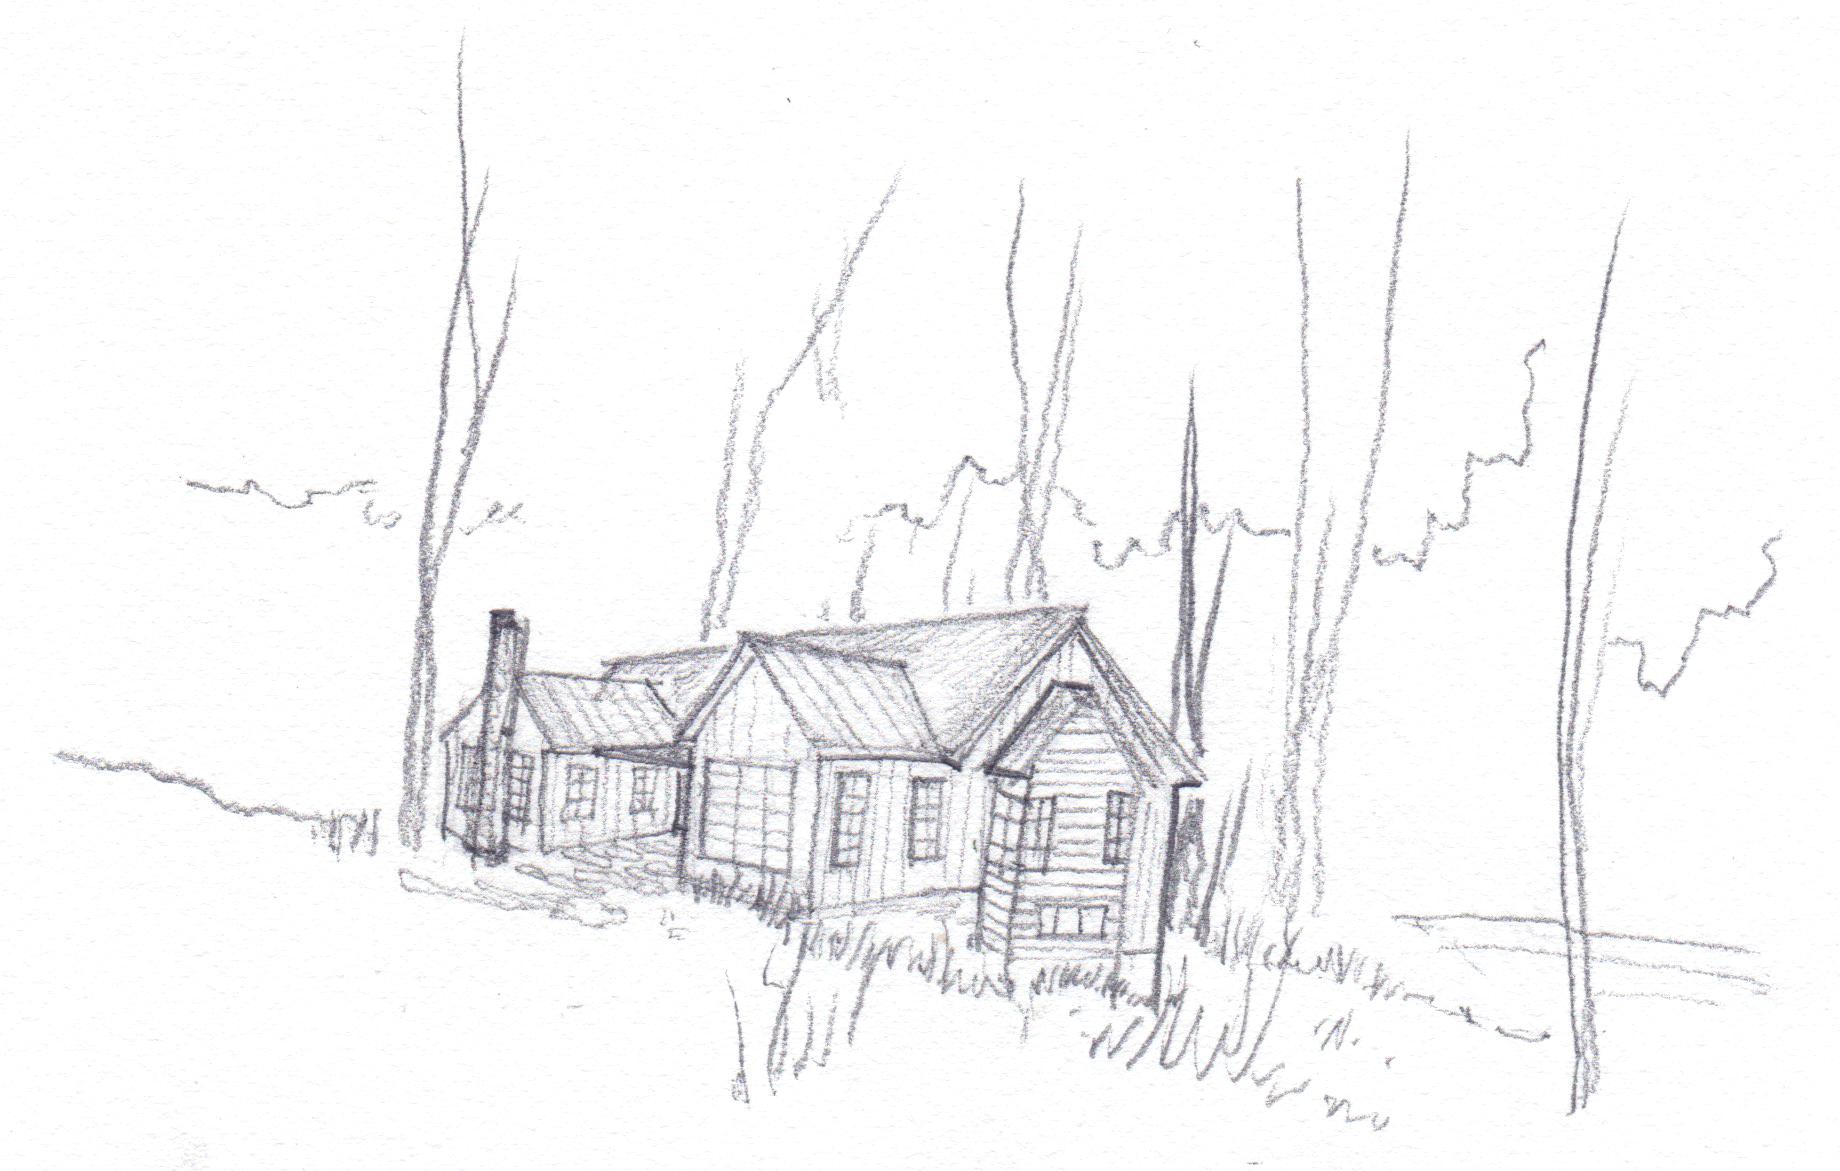 Keowee sketch.jpg